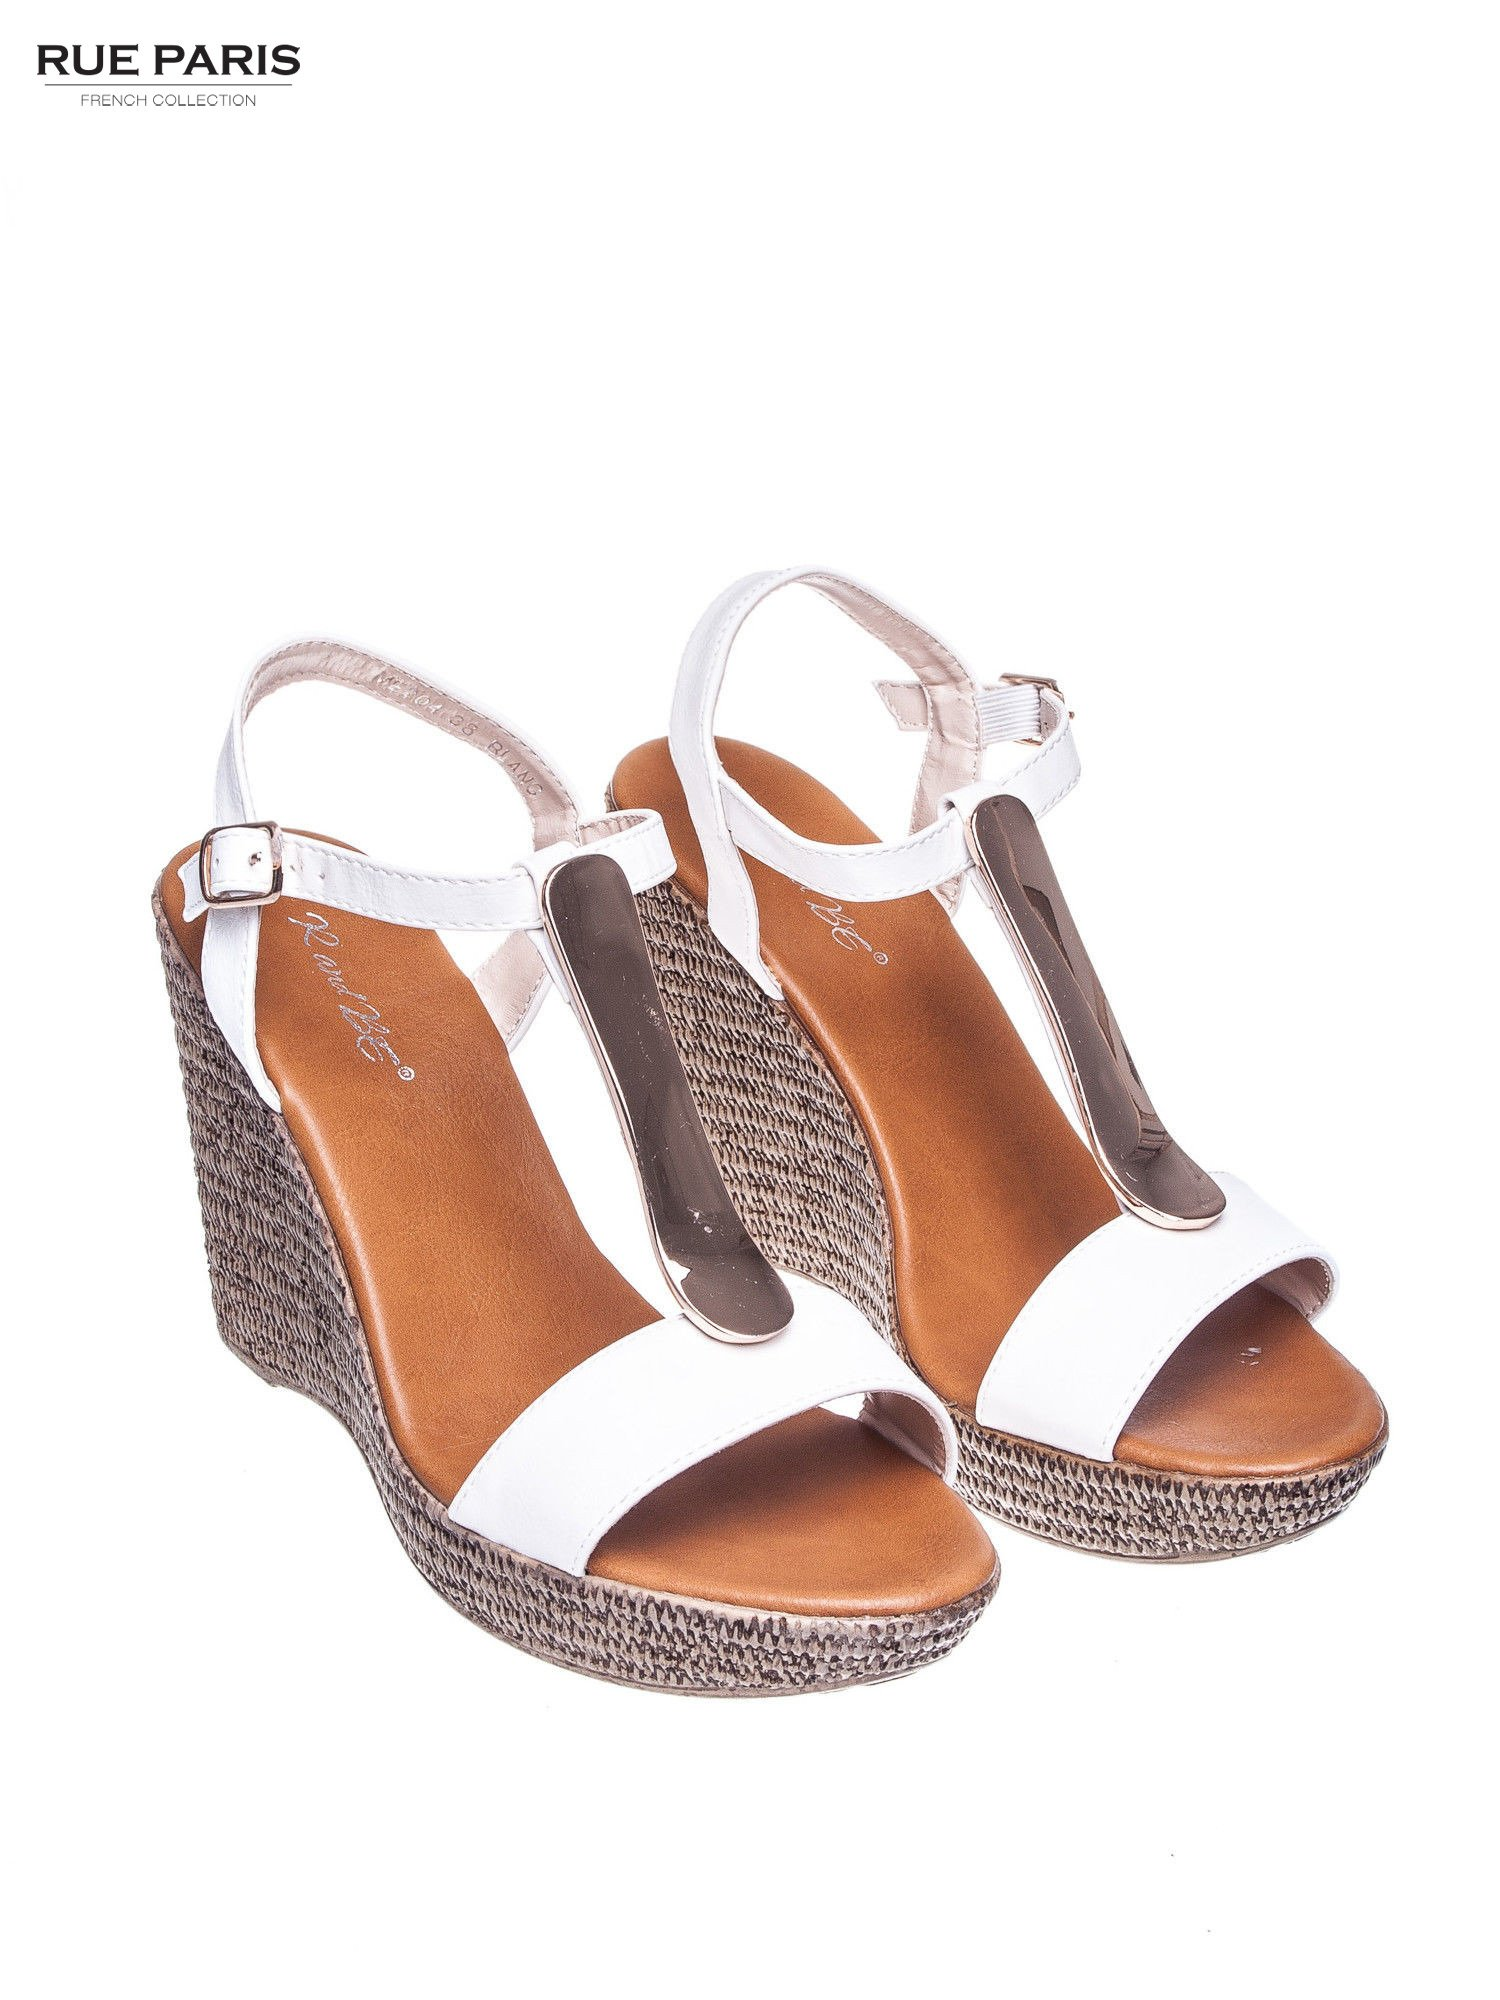 Białe letnie sandały t-bary na koturnie                                  zdj.                                  2